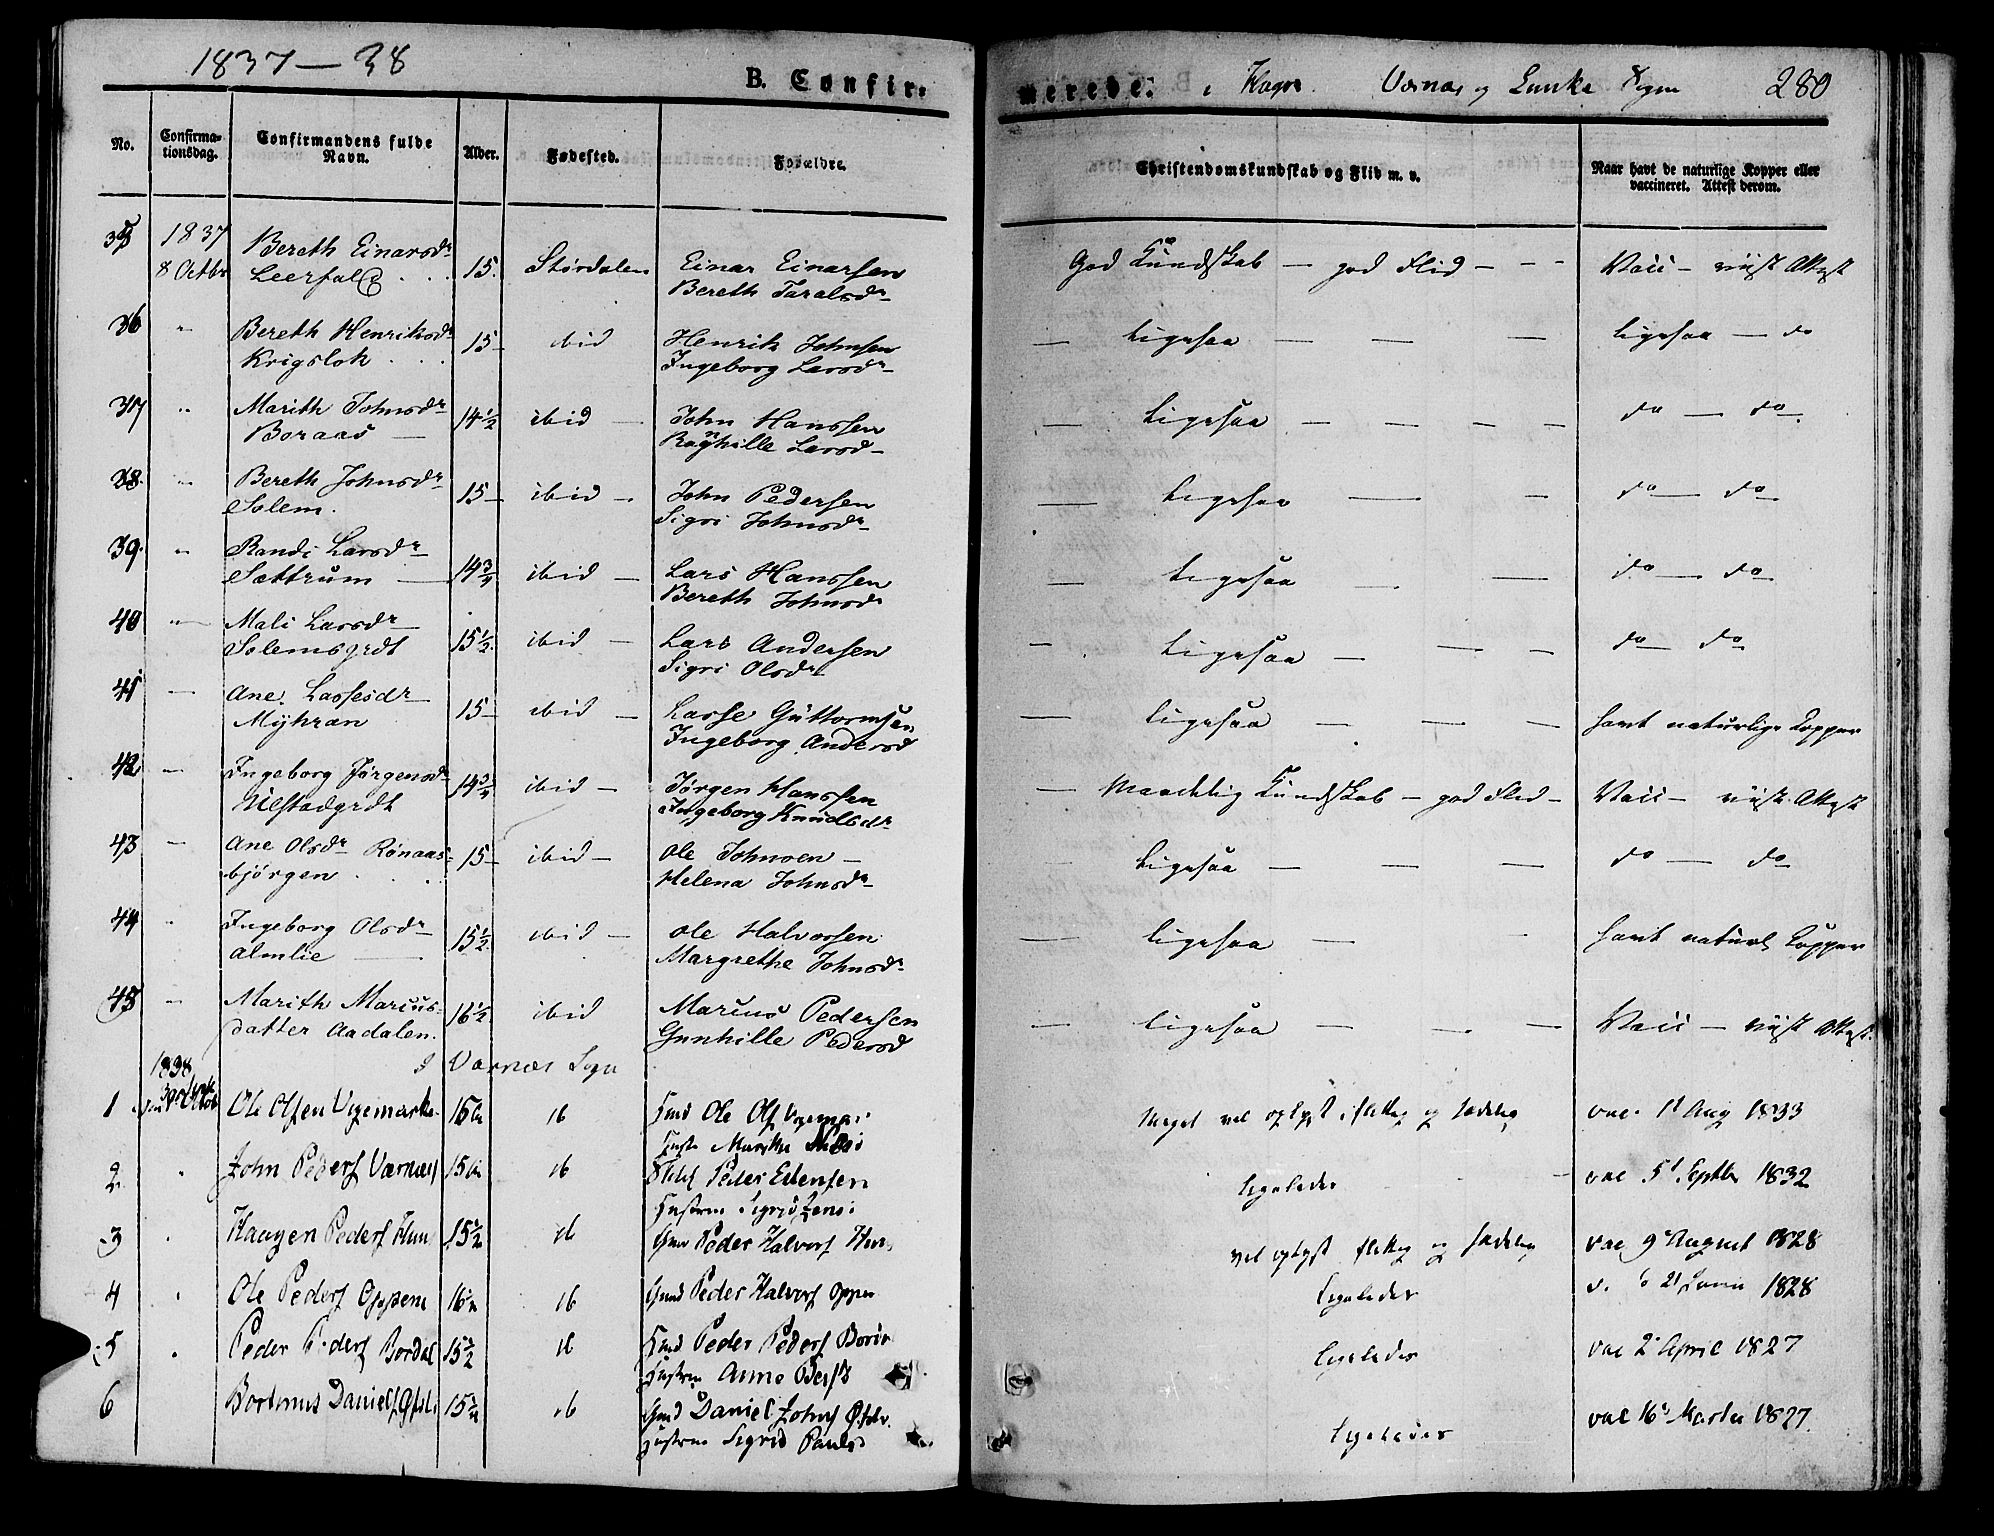 SAT, Ministerialprotokoller, klokkerbøker og fødselsregistre - Nord-Trøndelag, 709/L0071: Ministerialbok nr. 709A11, 1833-1844, s. 280